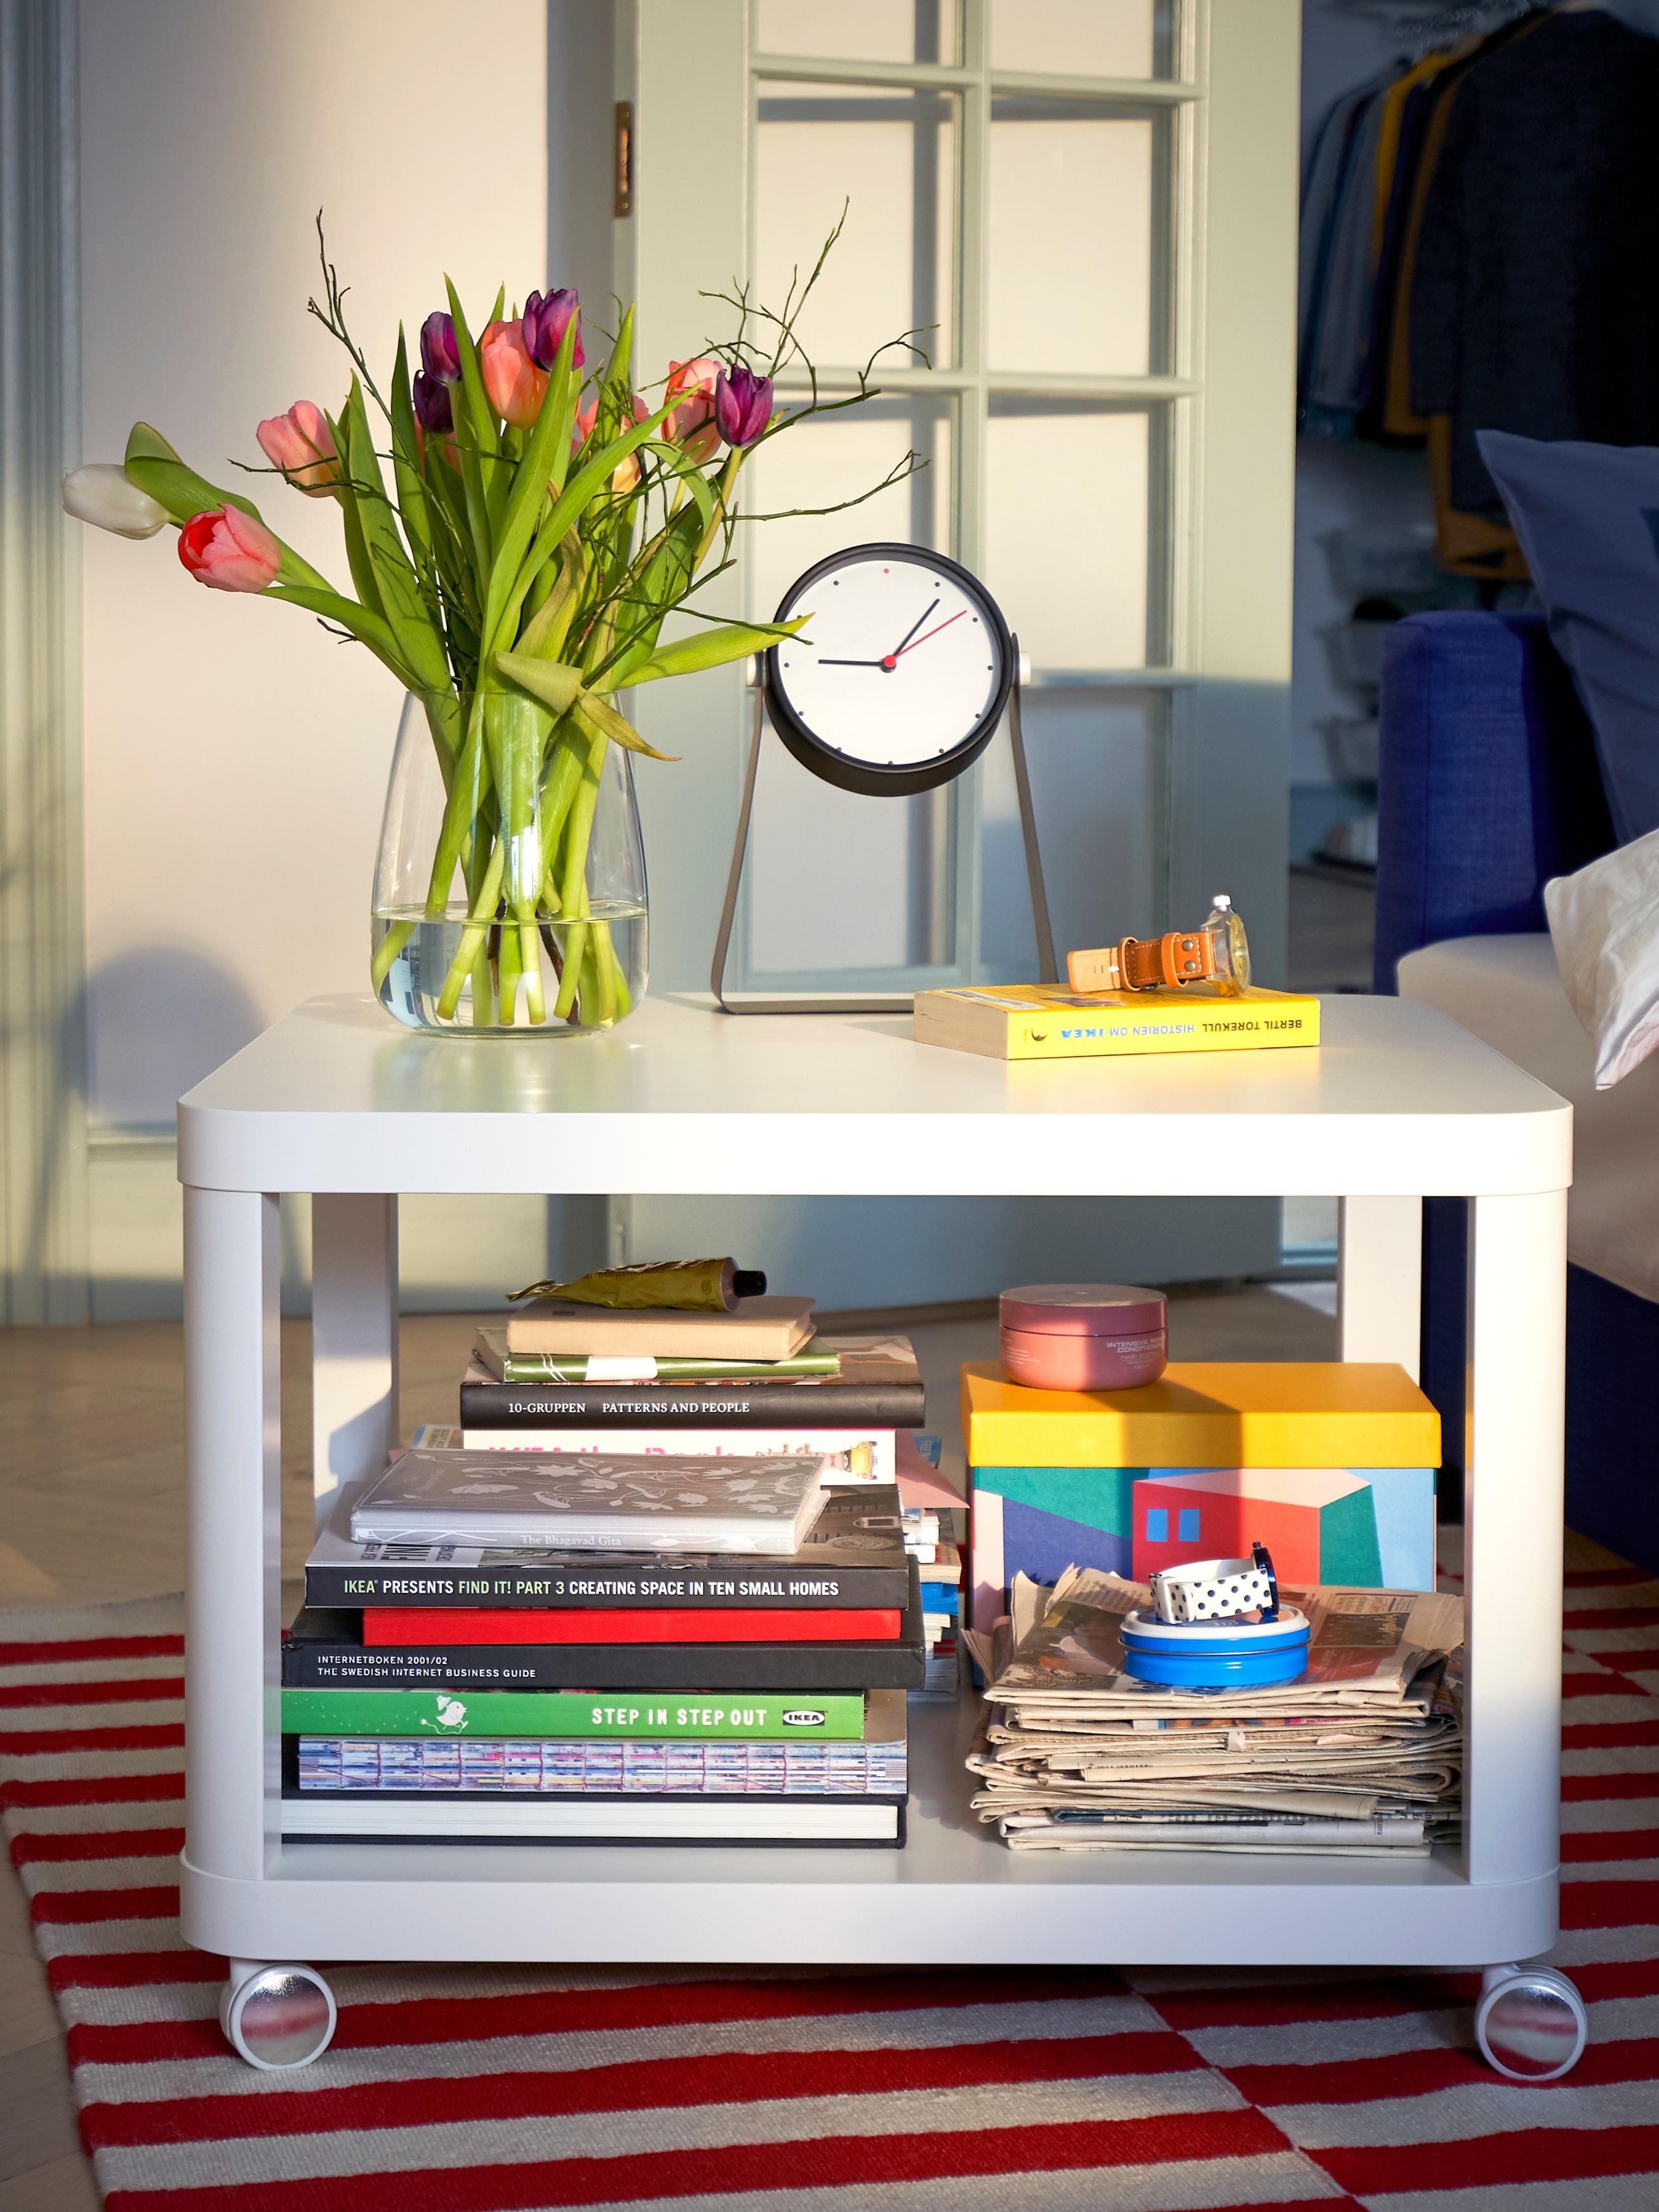 TINGBY beli pomoćni stočić na točkićima, s puno knjiga na donjem nivou i vazom s cvećem i satom na vrhu.